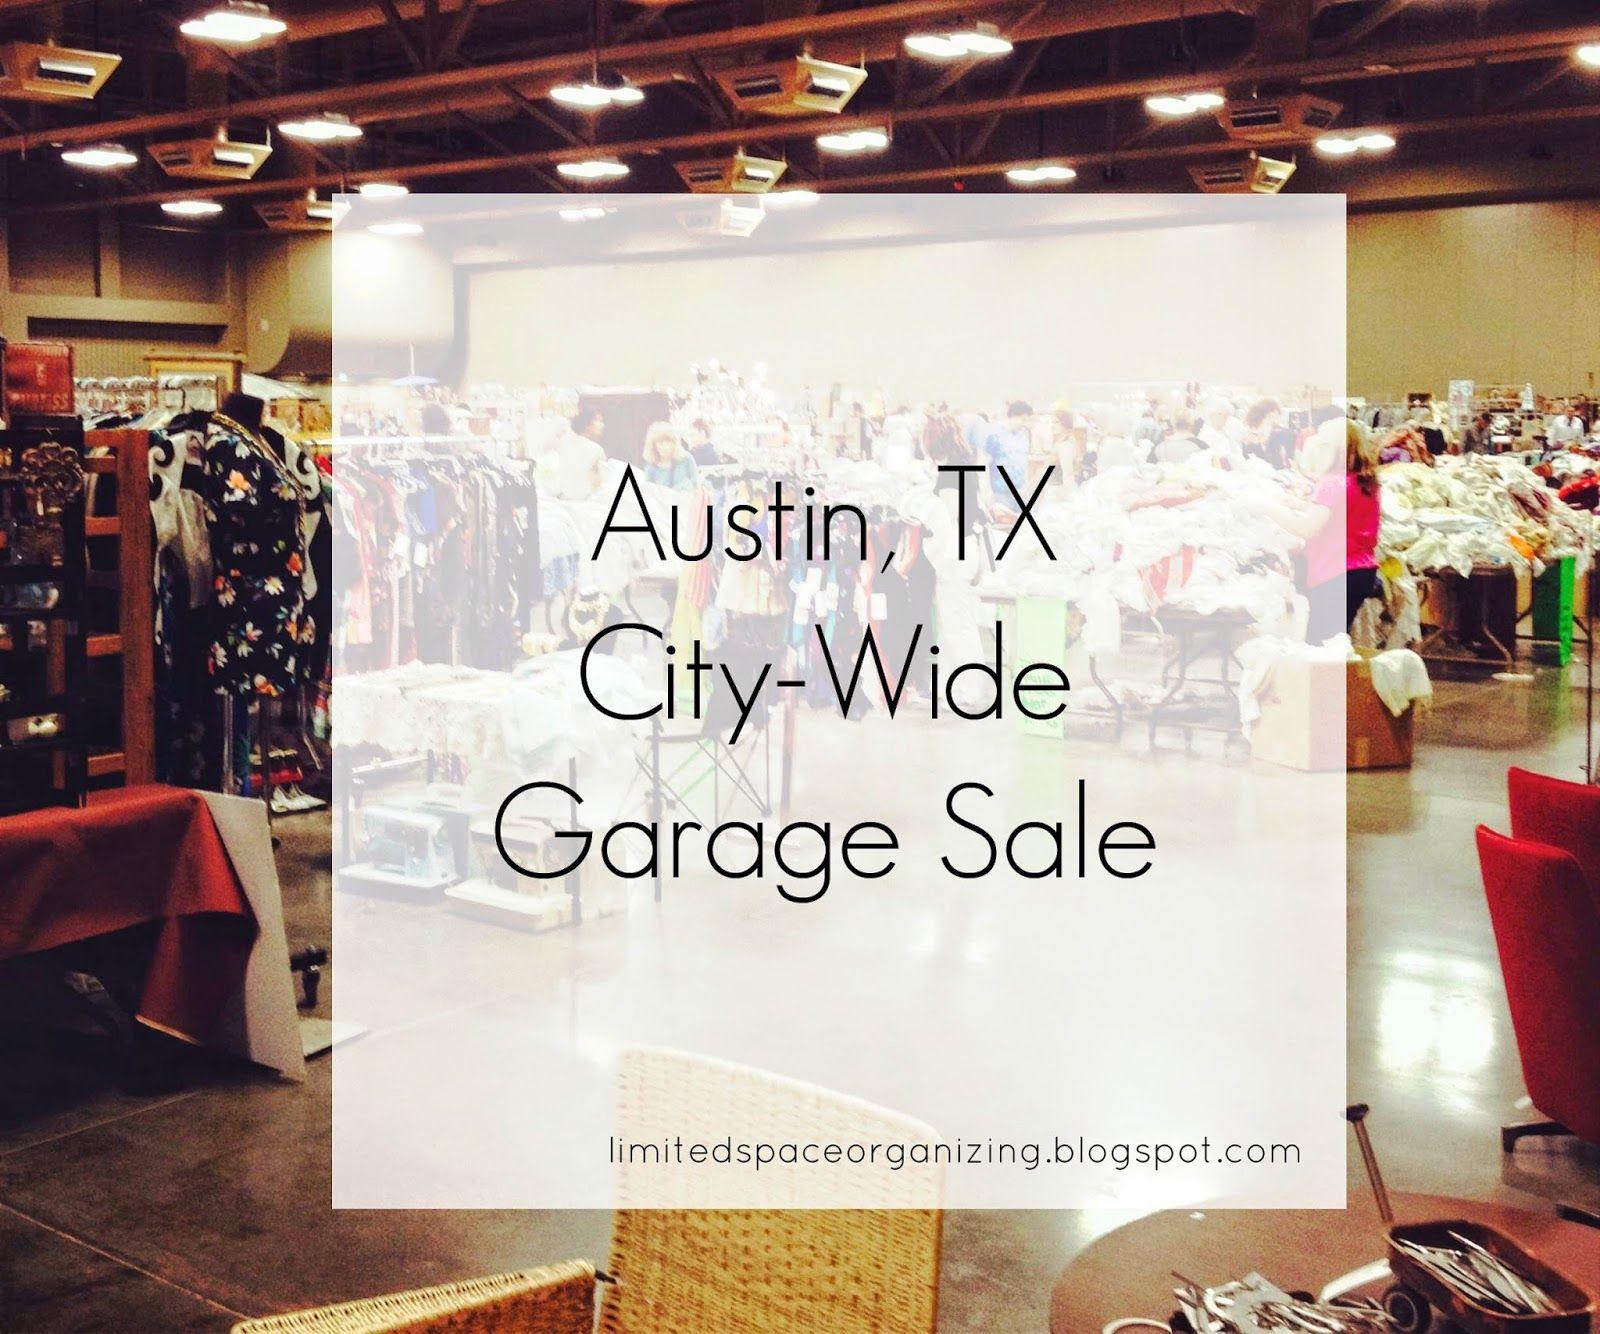 Austin, TX CityWide Garage Sale Visit Austin Garage